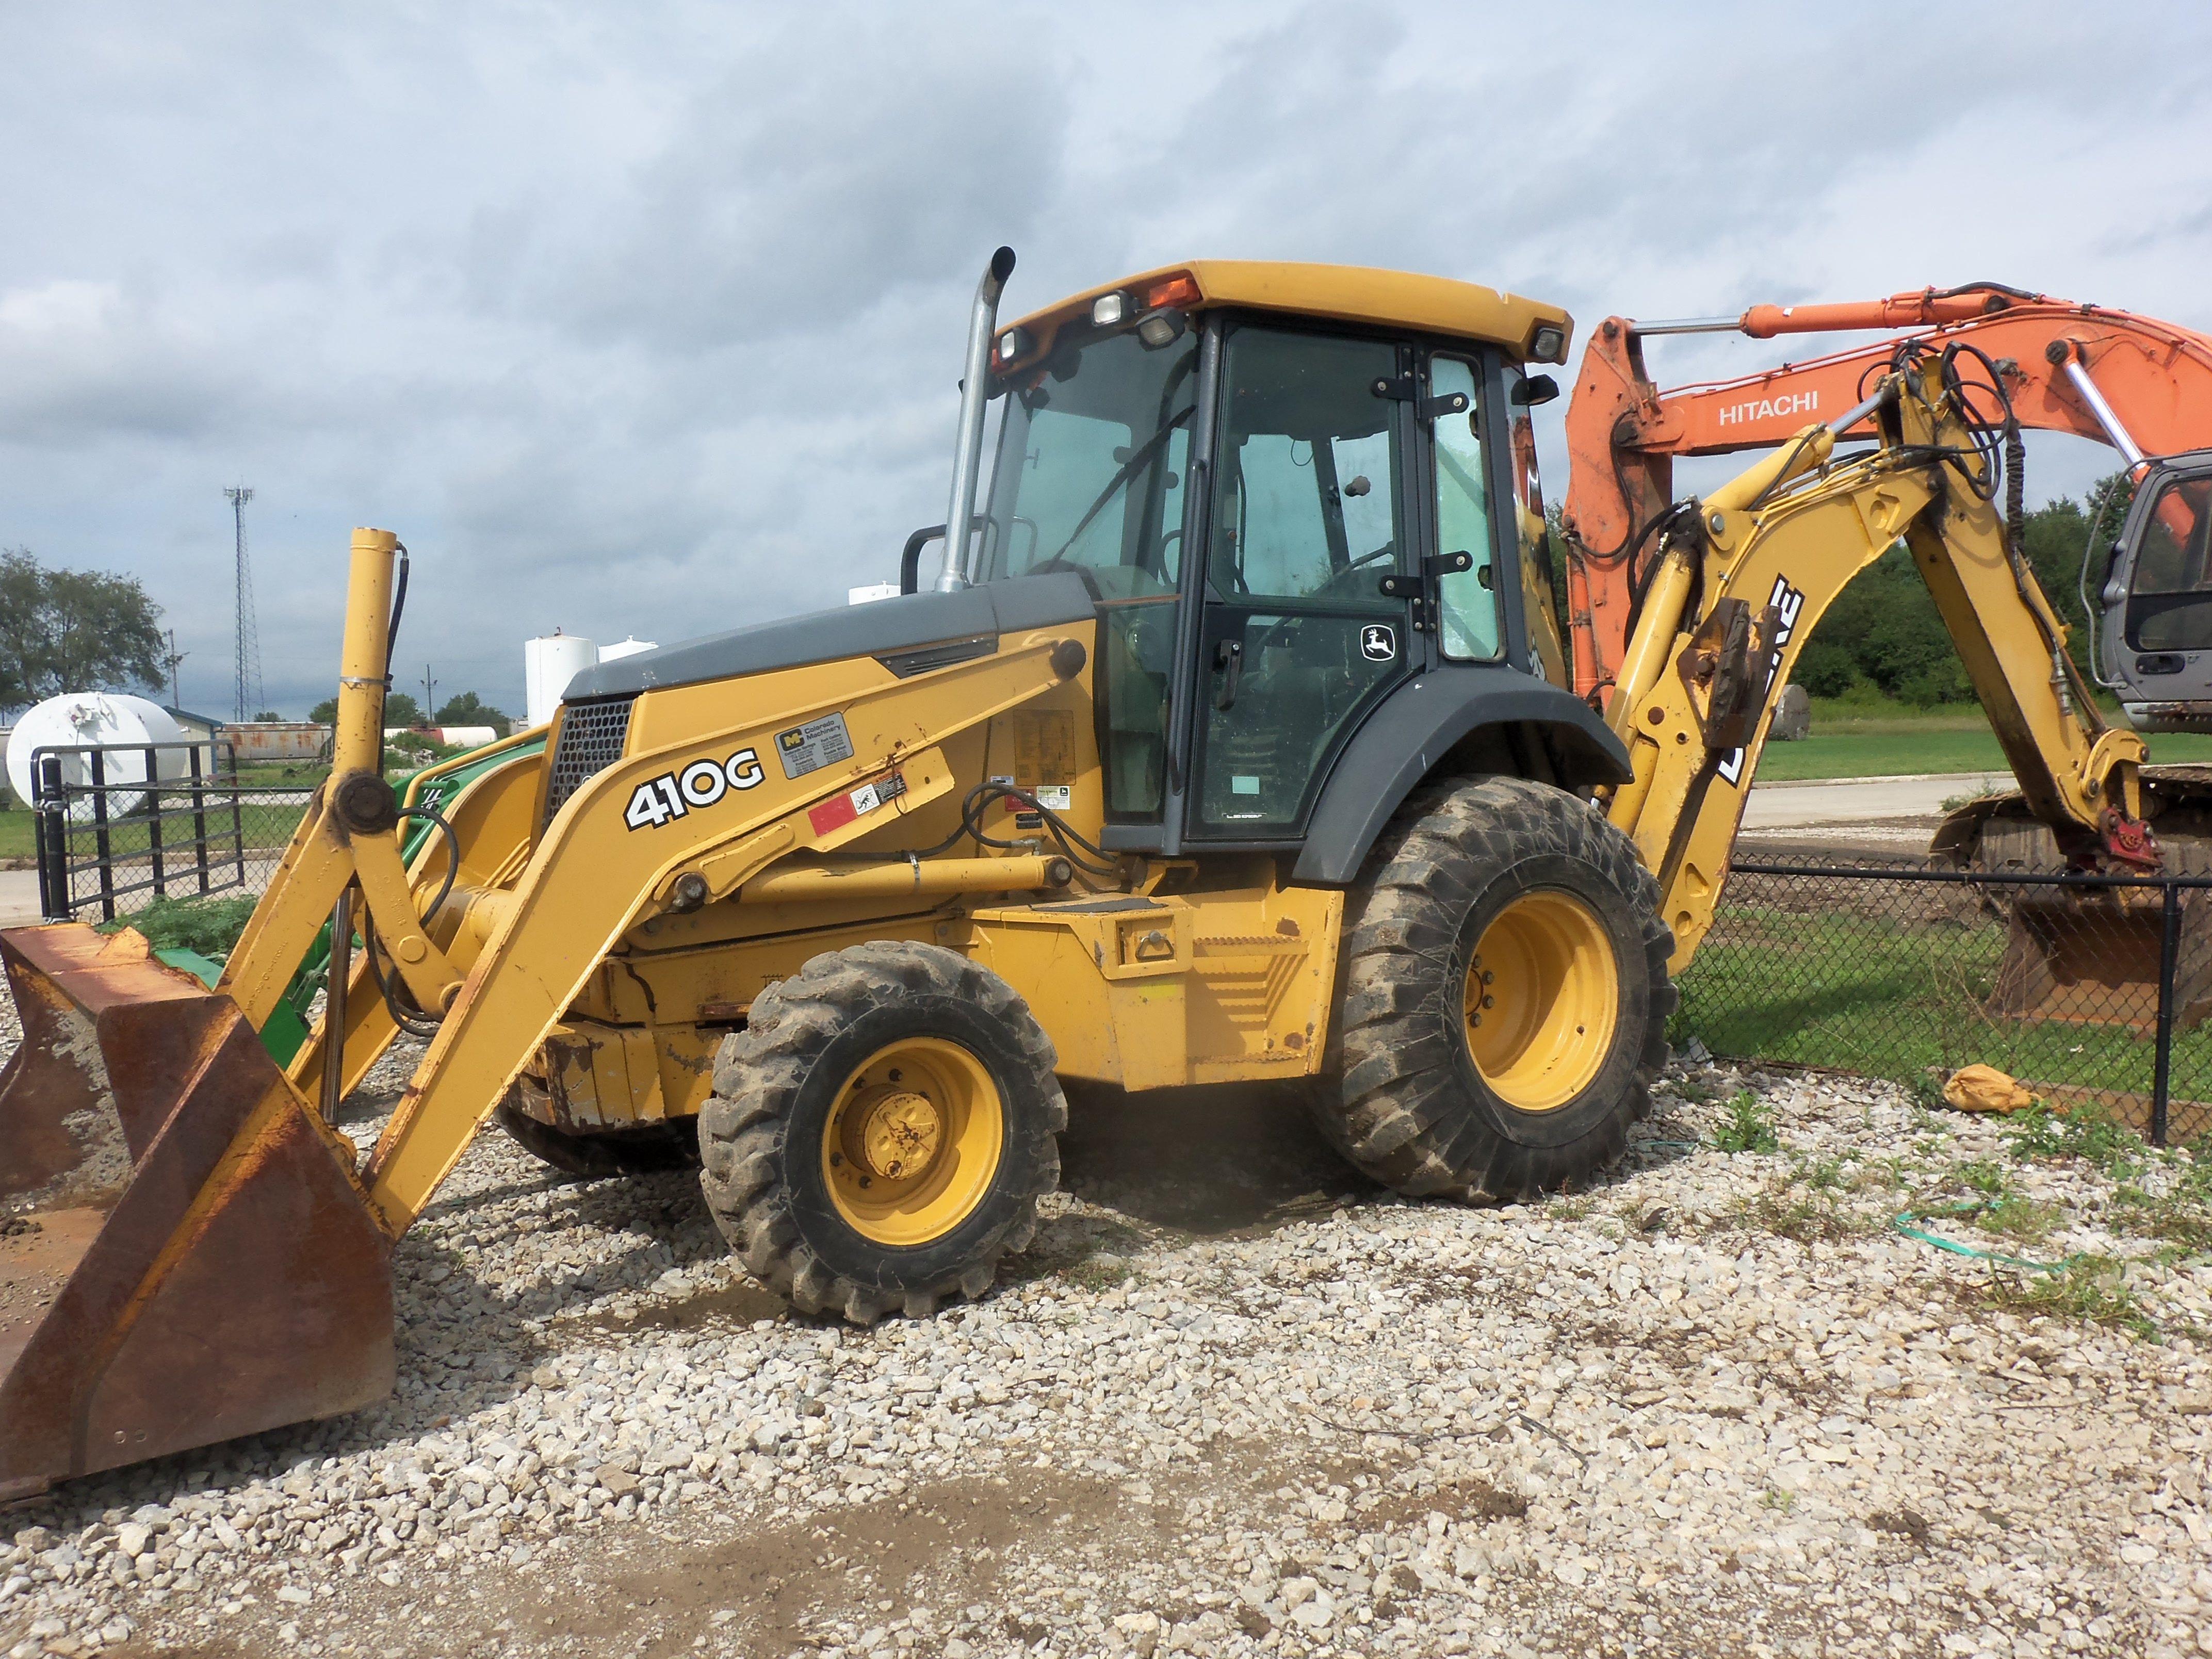 John Deere 410G tractor loader backhoe Tractor Loader, Backhoe Loader,  Heavy Equipment, Tractors